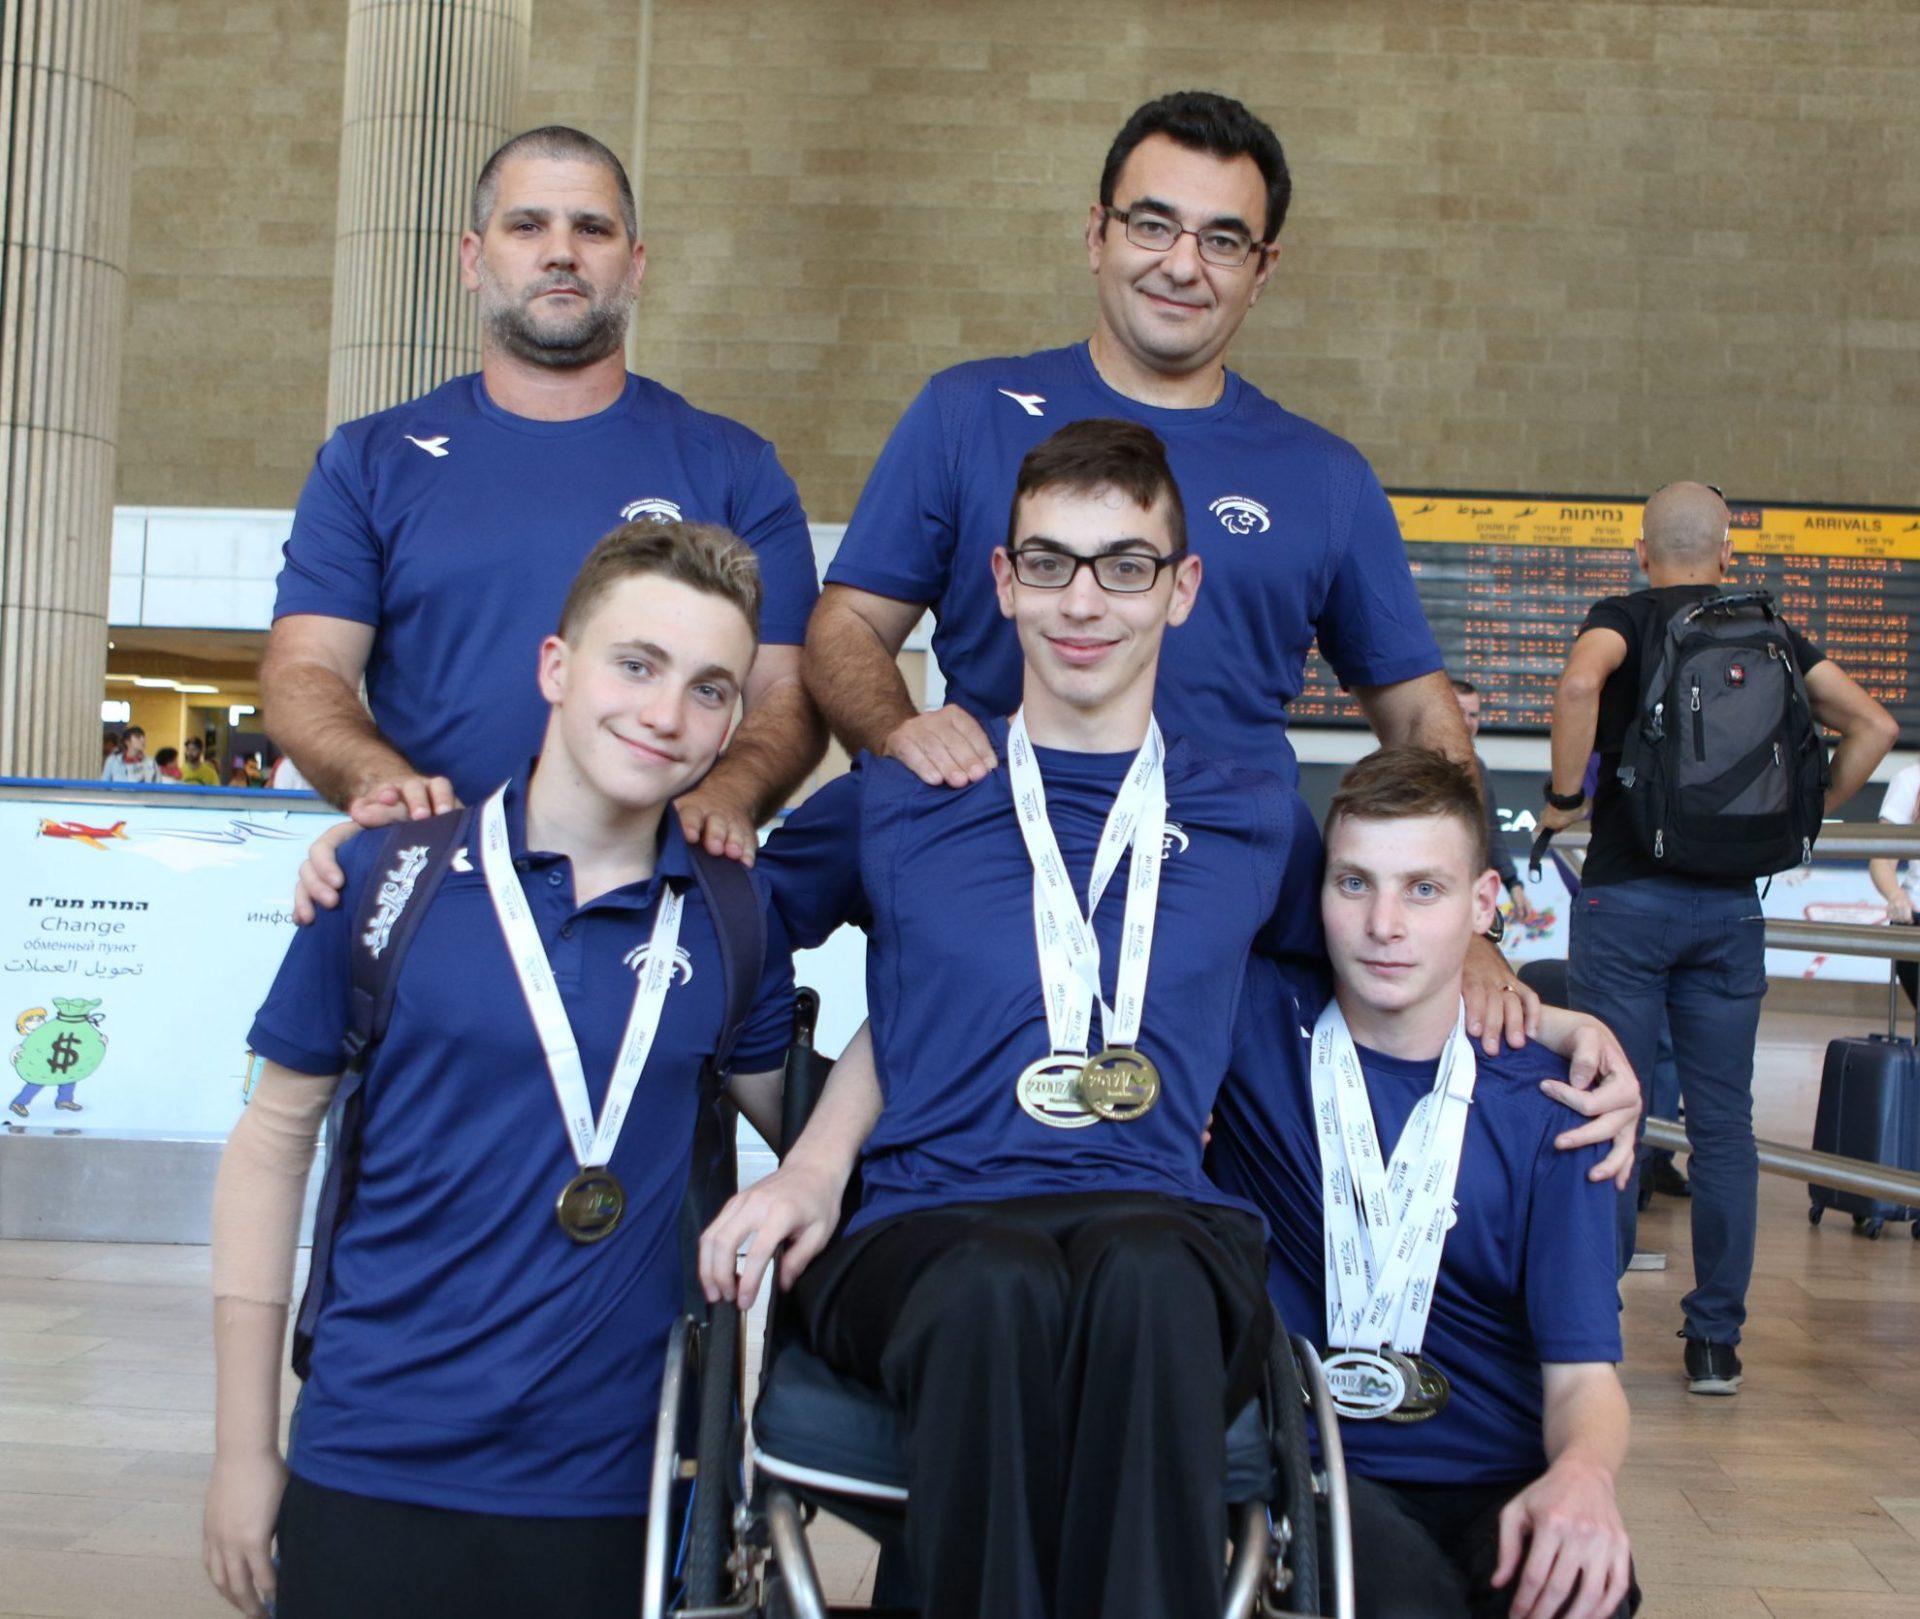 חמישה אנשים מתוכם אחד על כיסא גלגלים ושלושה עם מדליות על רקע שדה תעופה